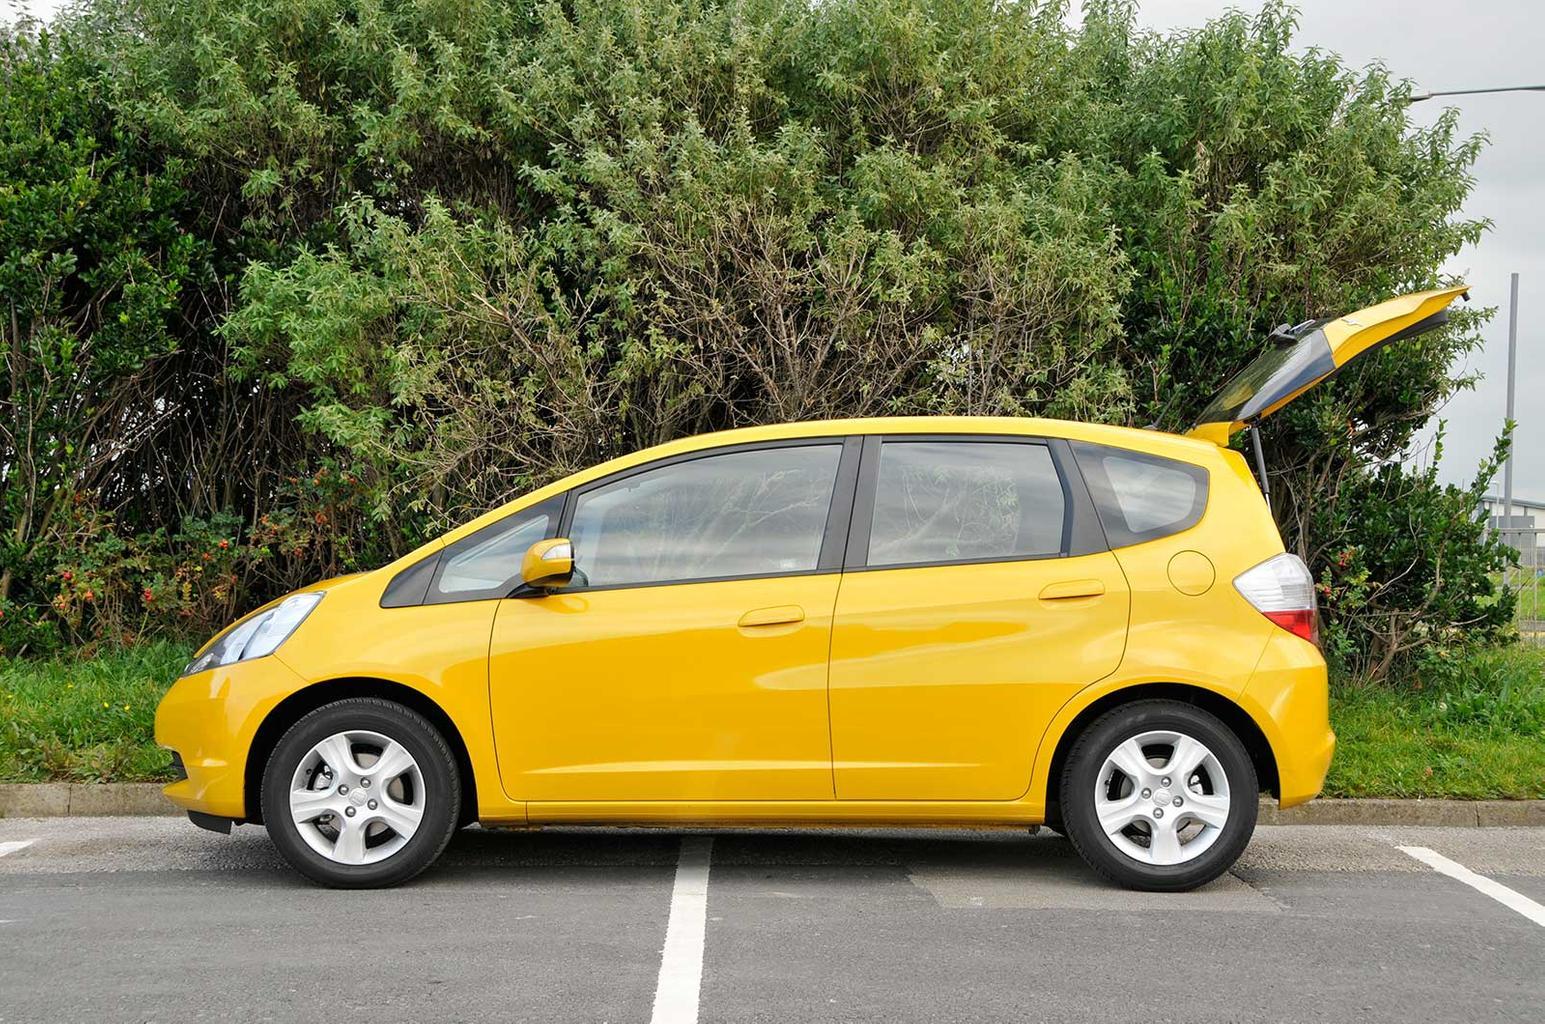 Used car of the week: Honda Jazz